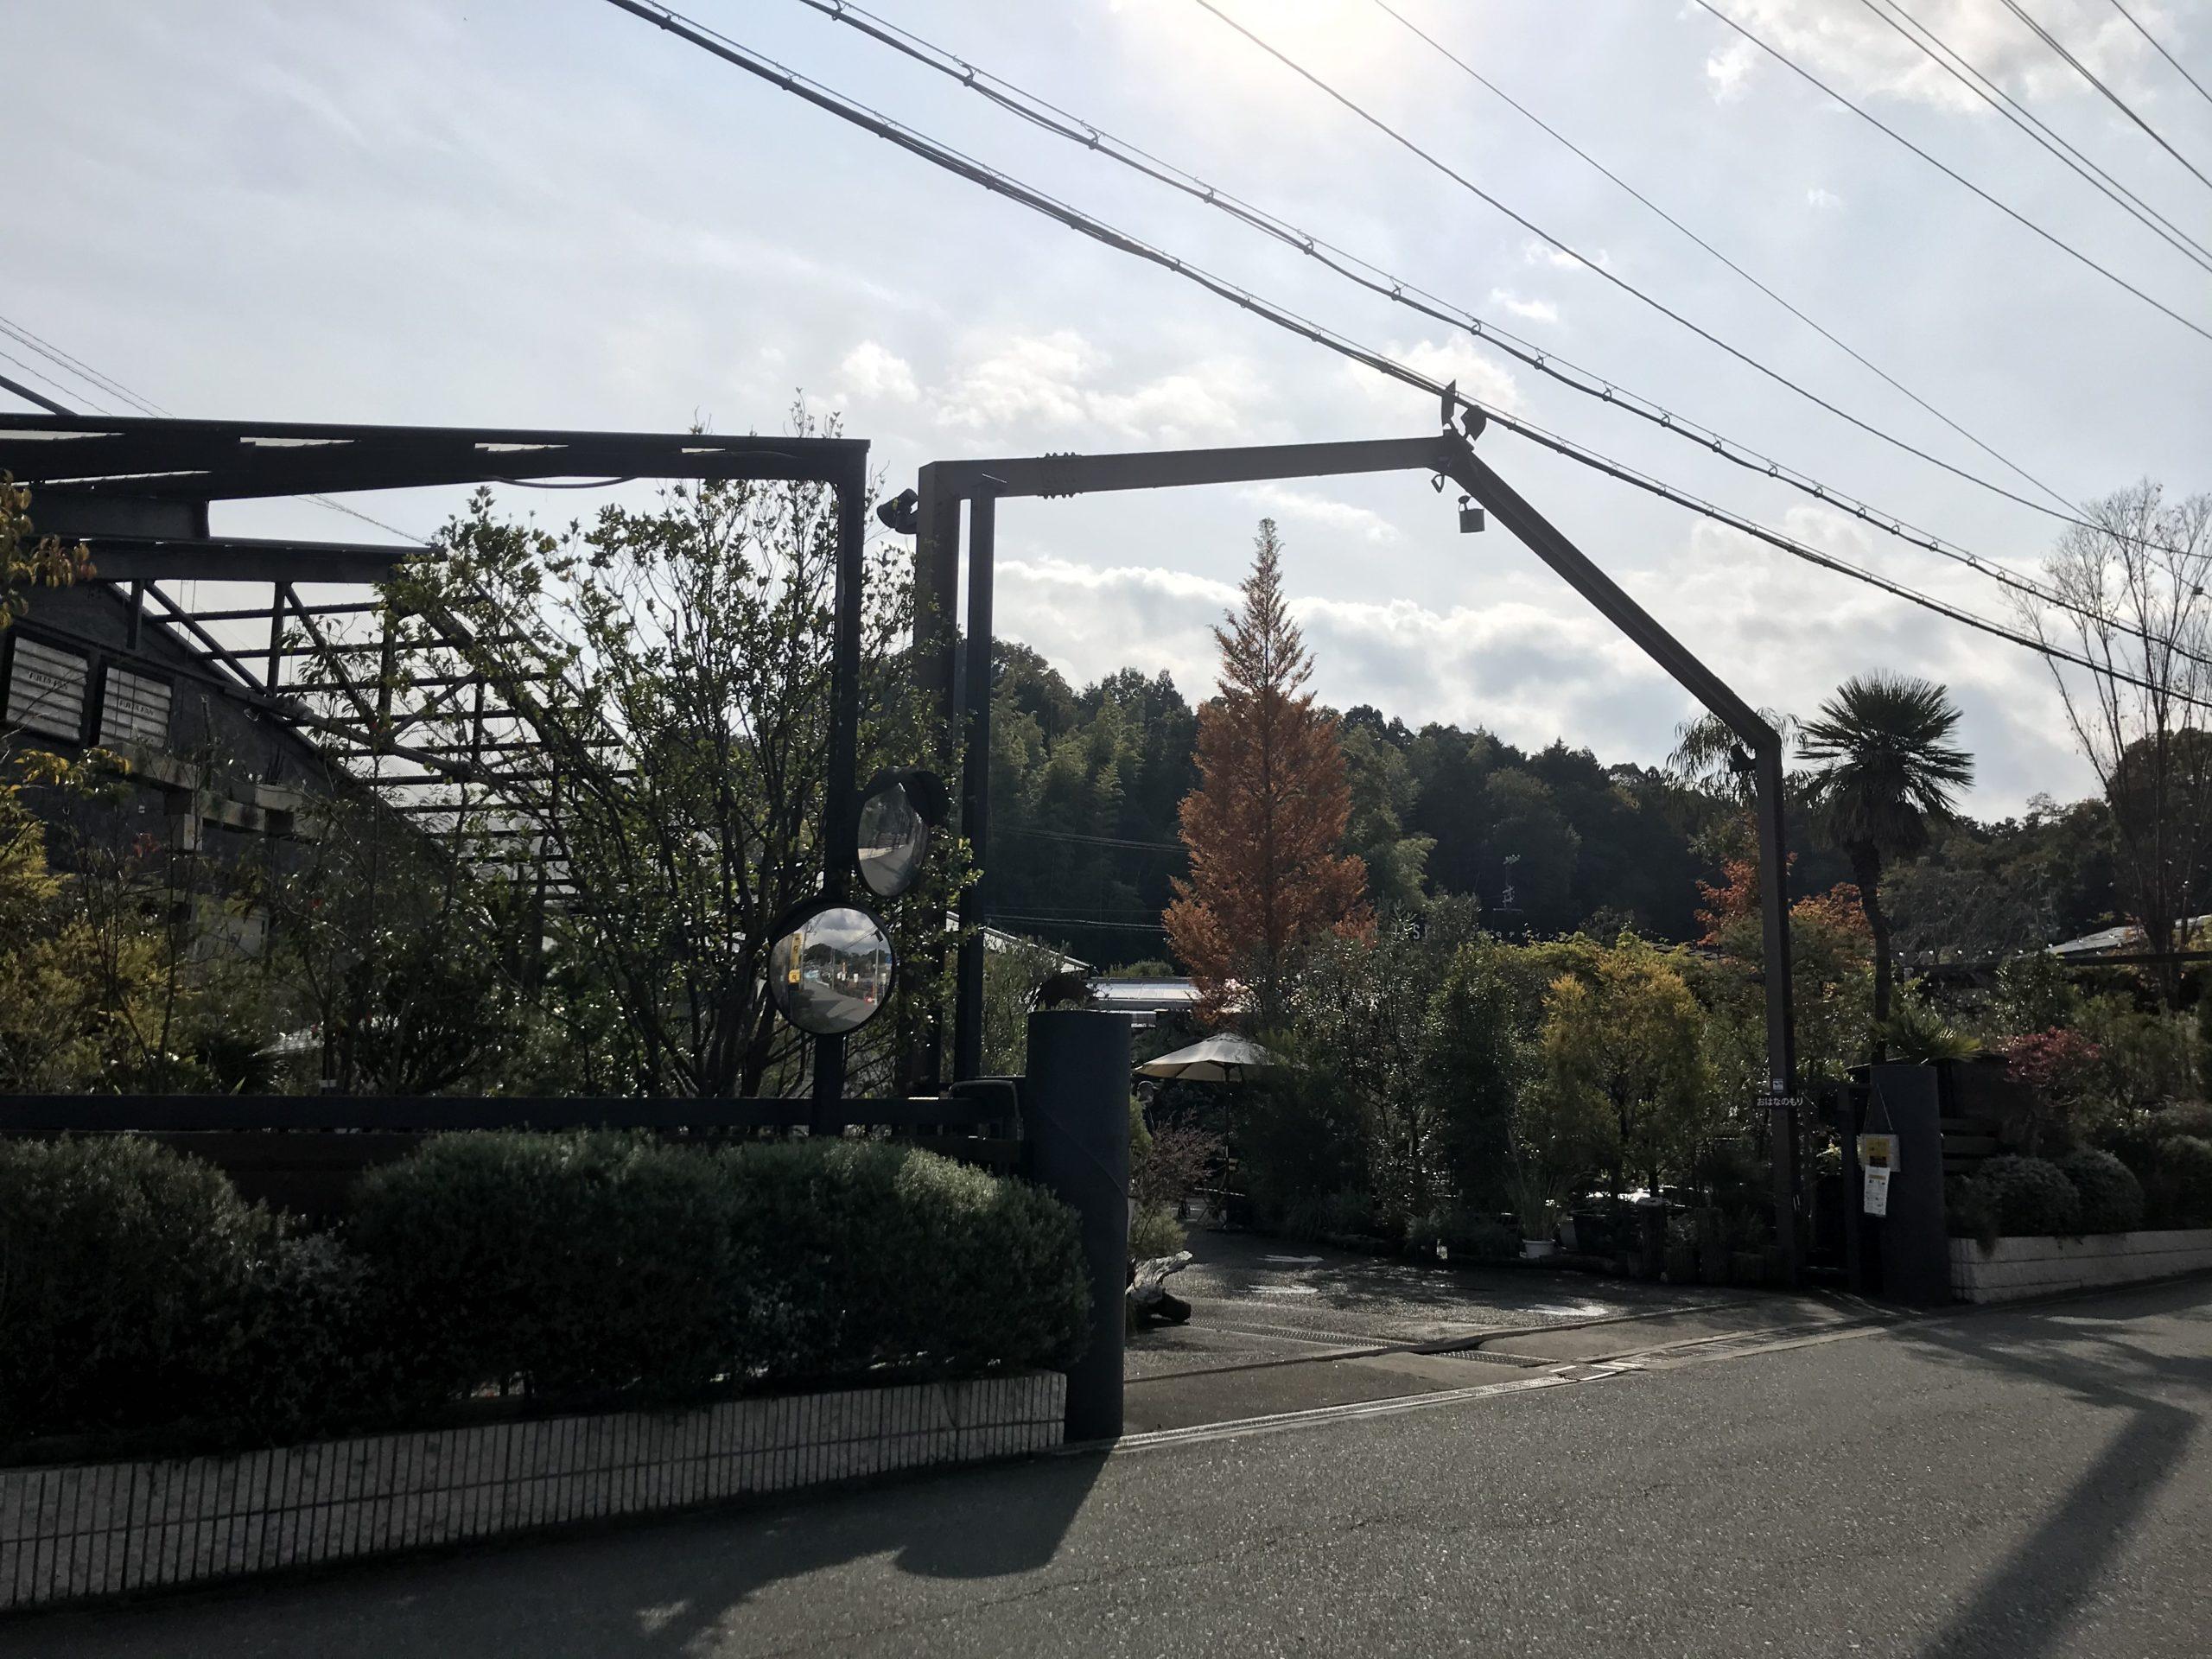 大阪・茨木市「the Farm UNIVERSAL OSAKA」様々な植物が堪能できるガーデンセンター